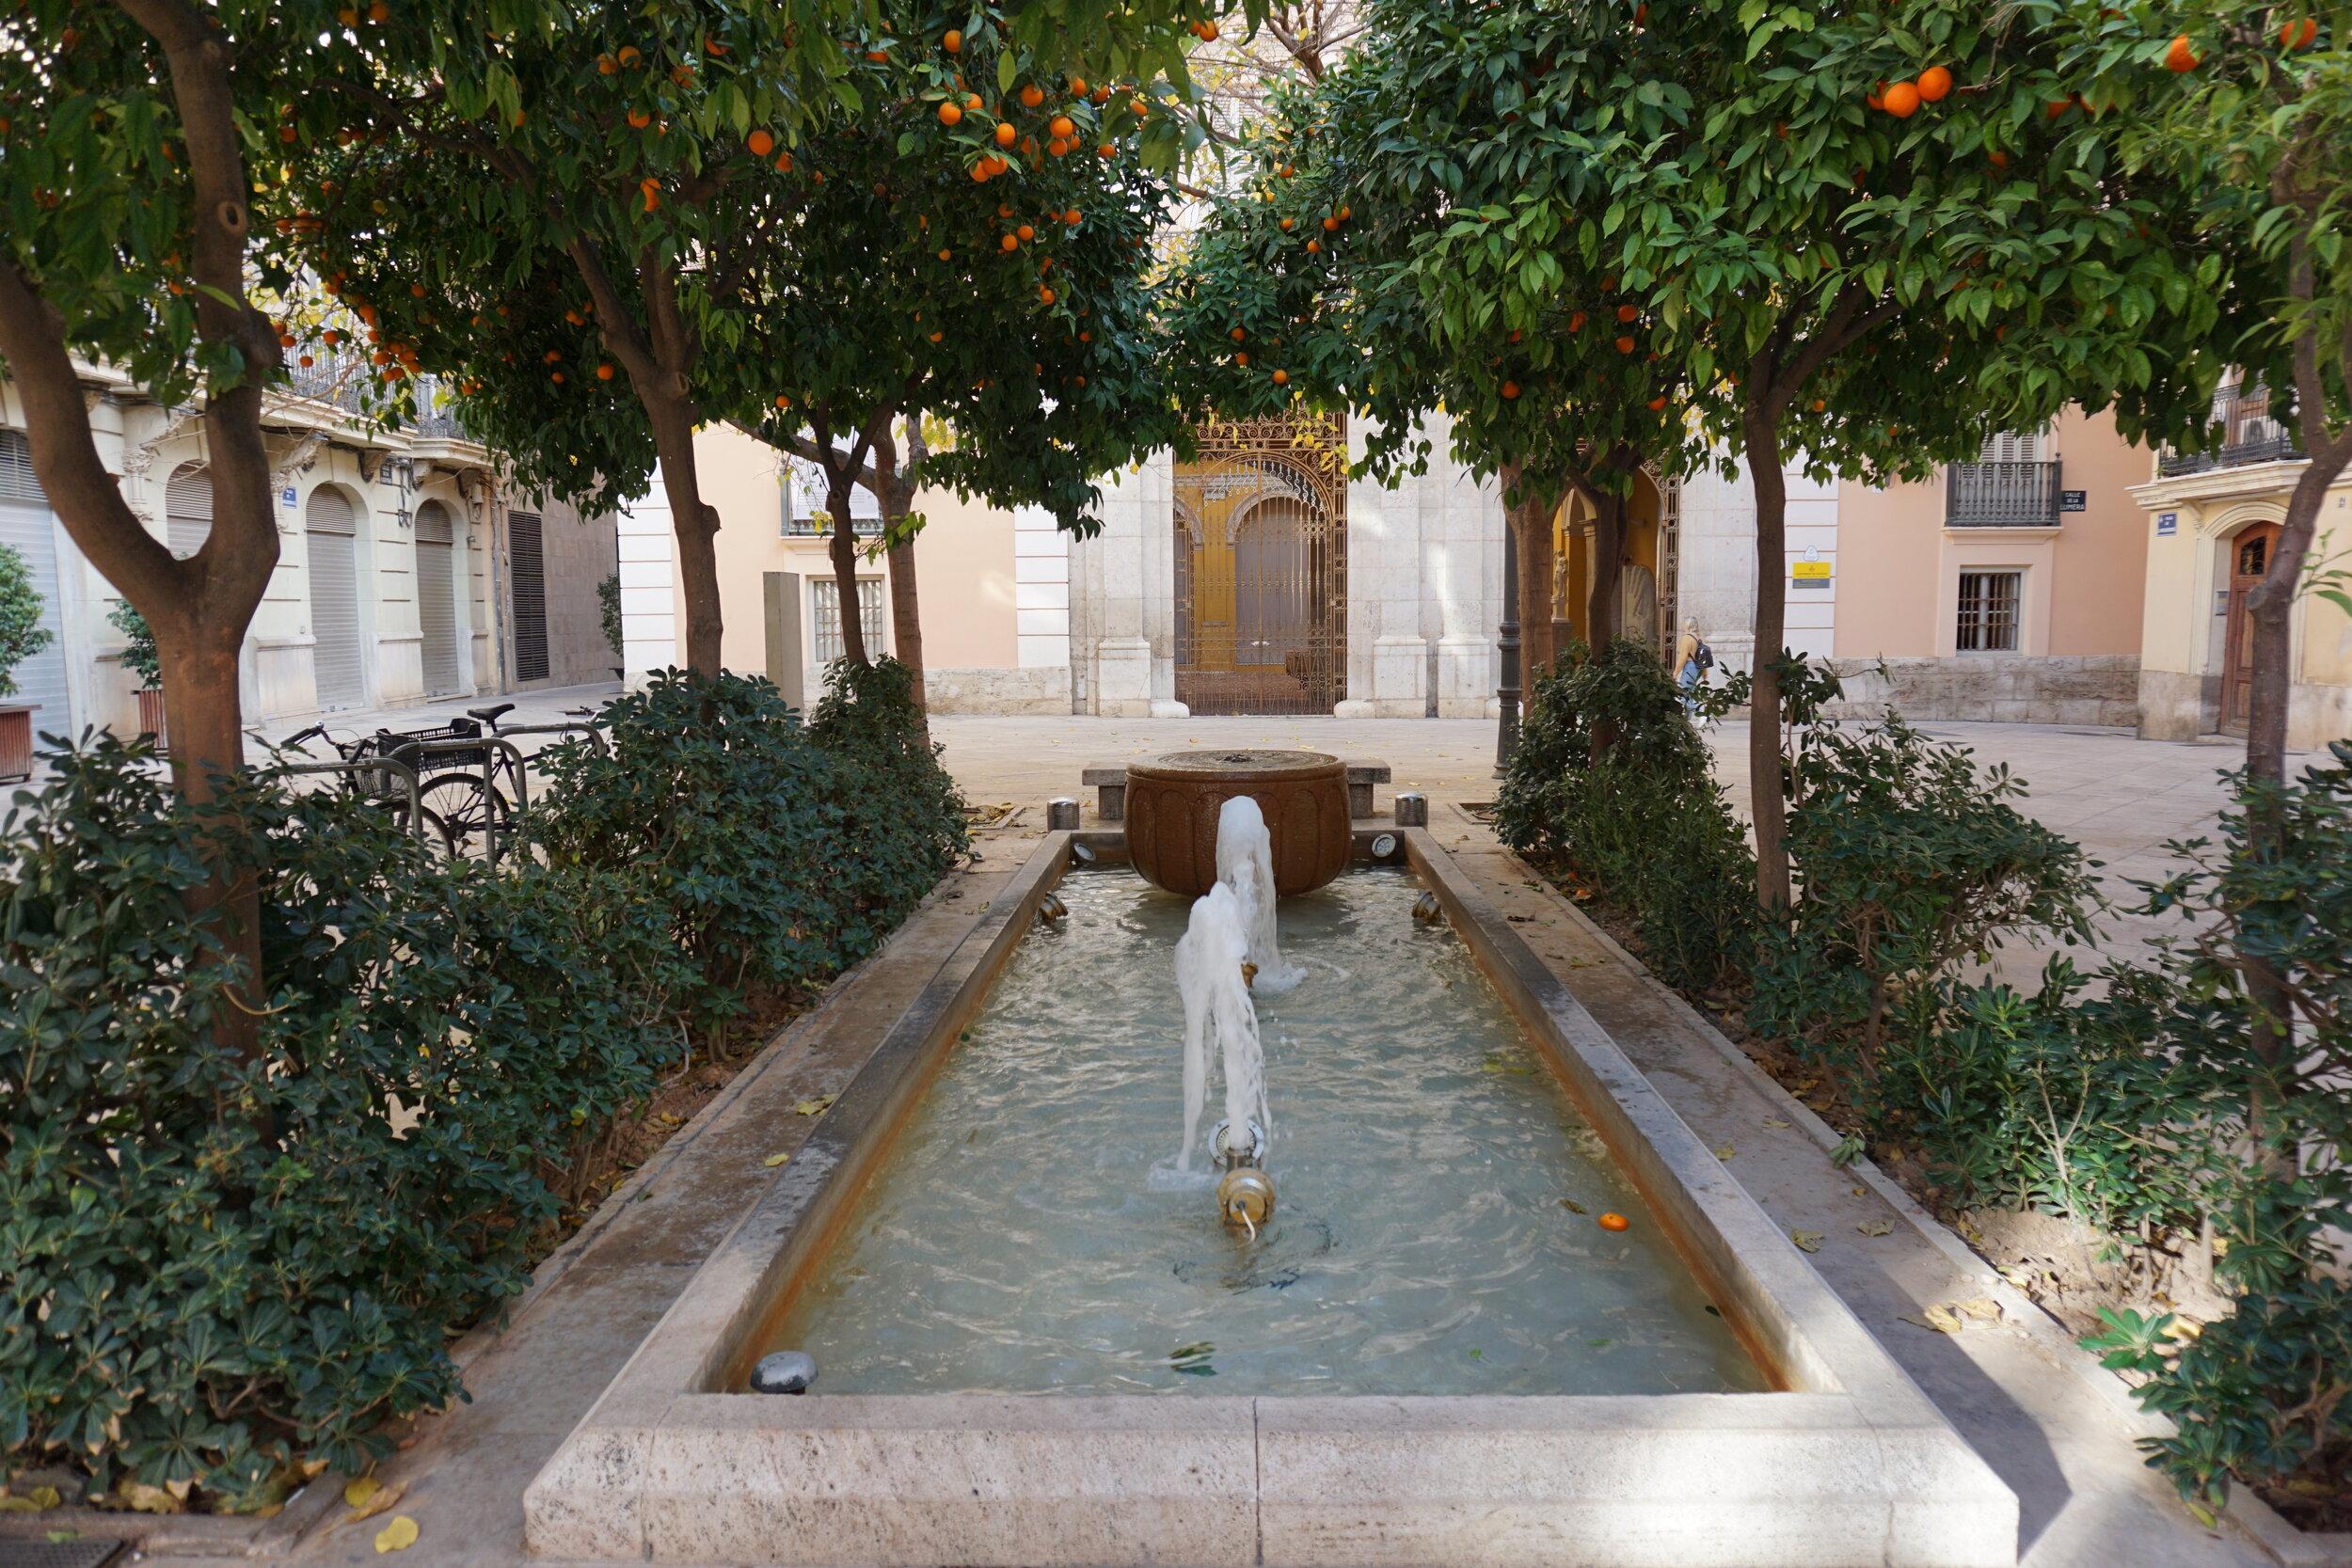 Valencia oranges